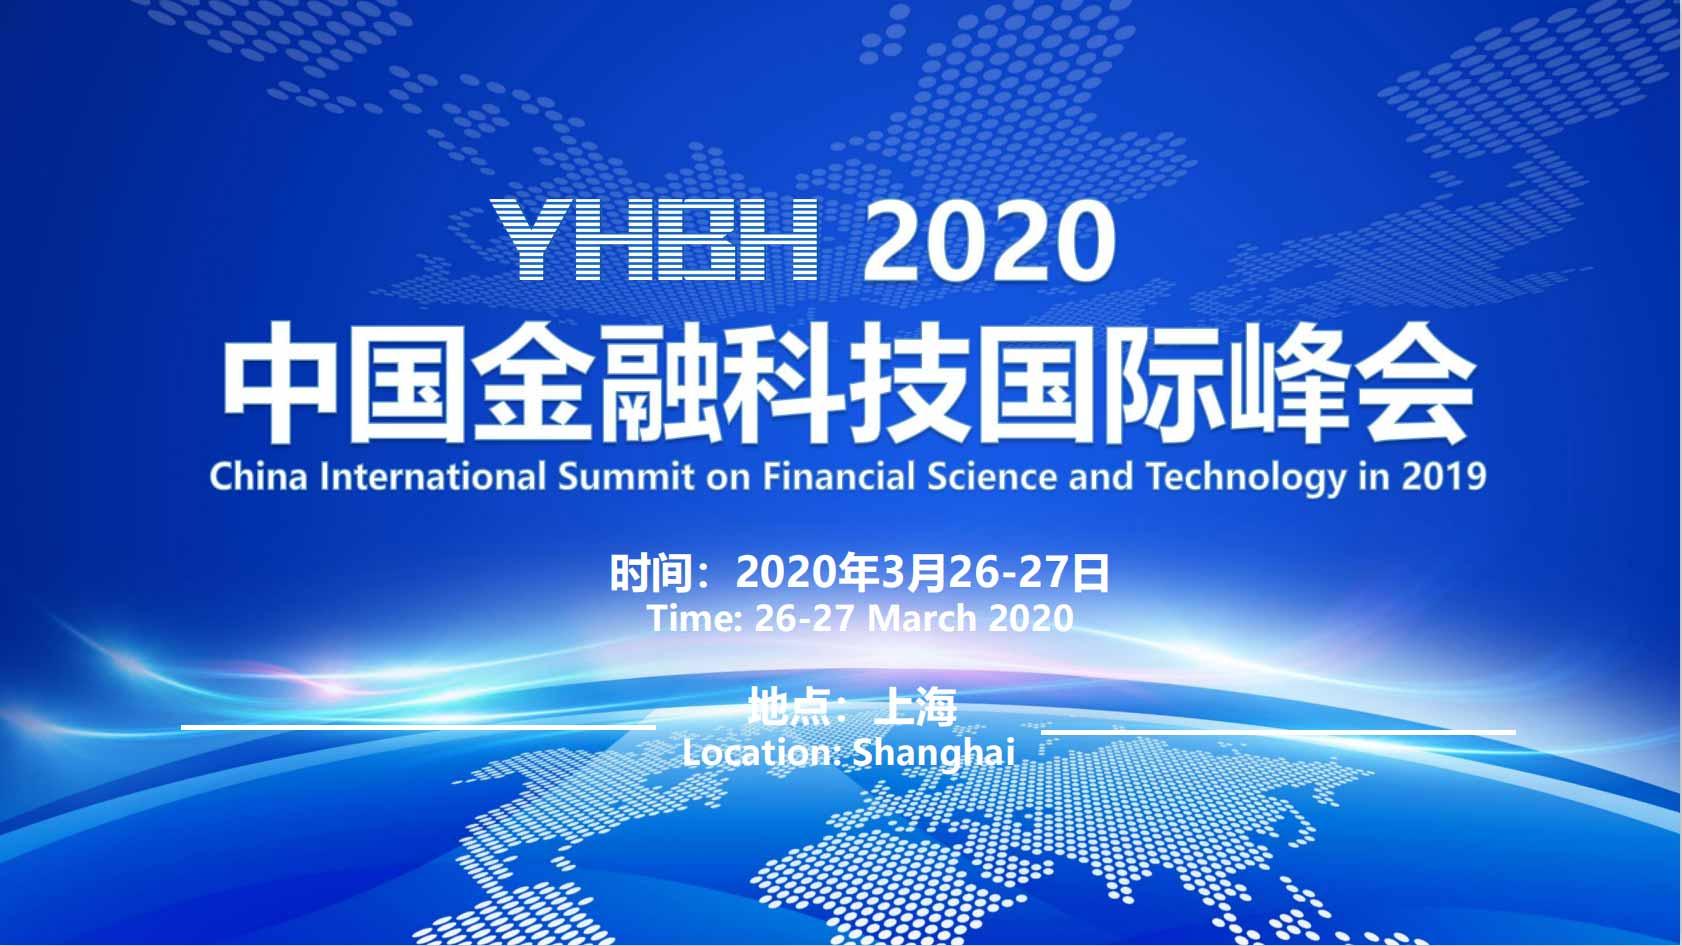 2020中国金融科技国际峰会【大数据-云计算-AI-区块链】